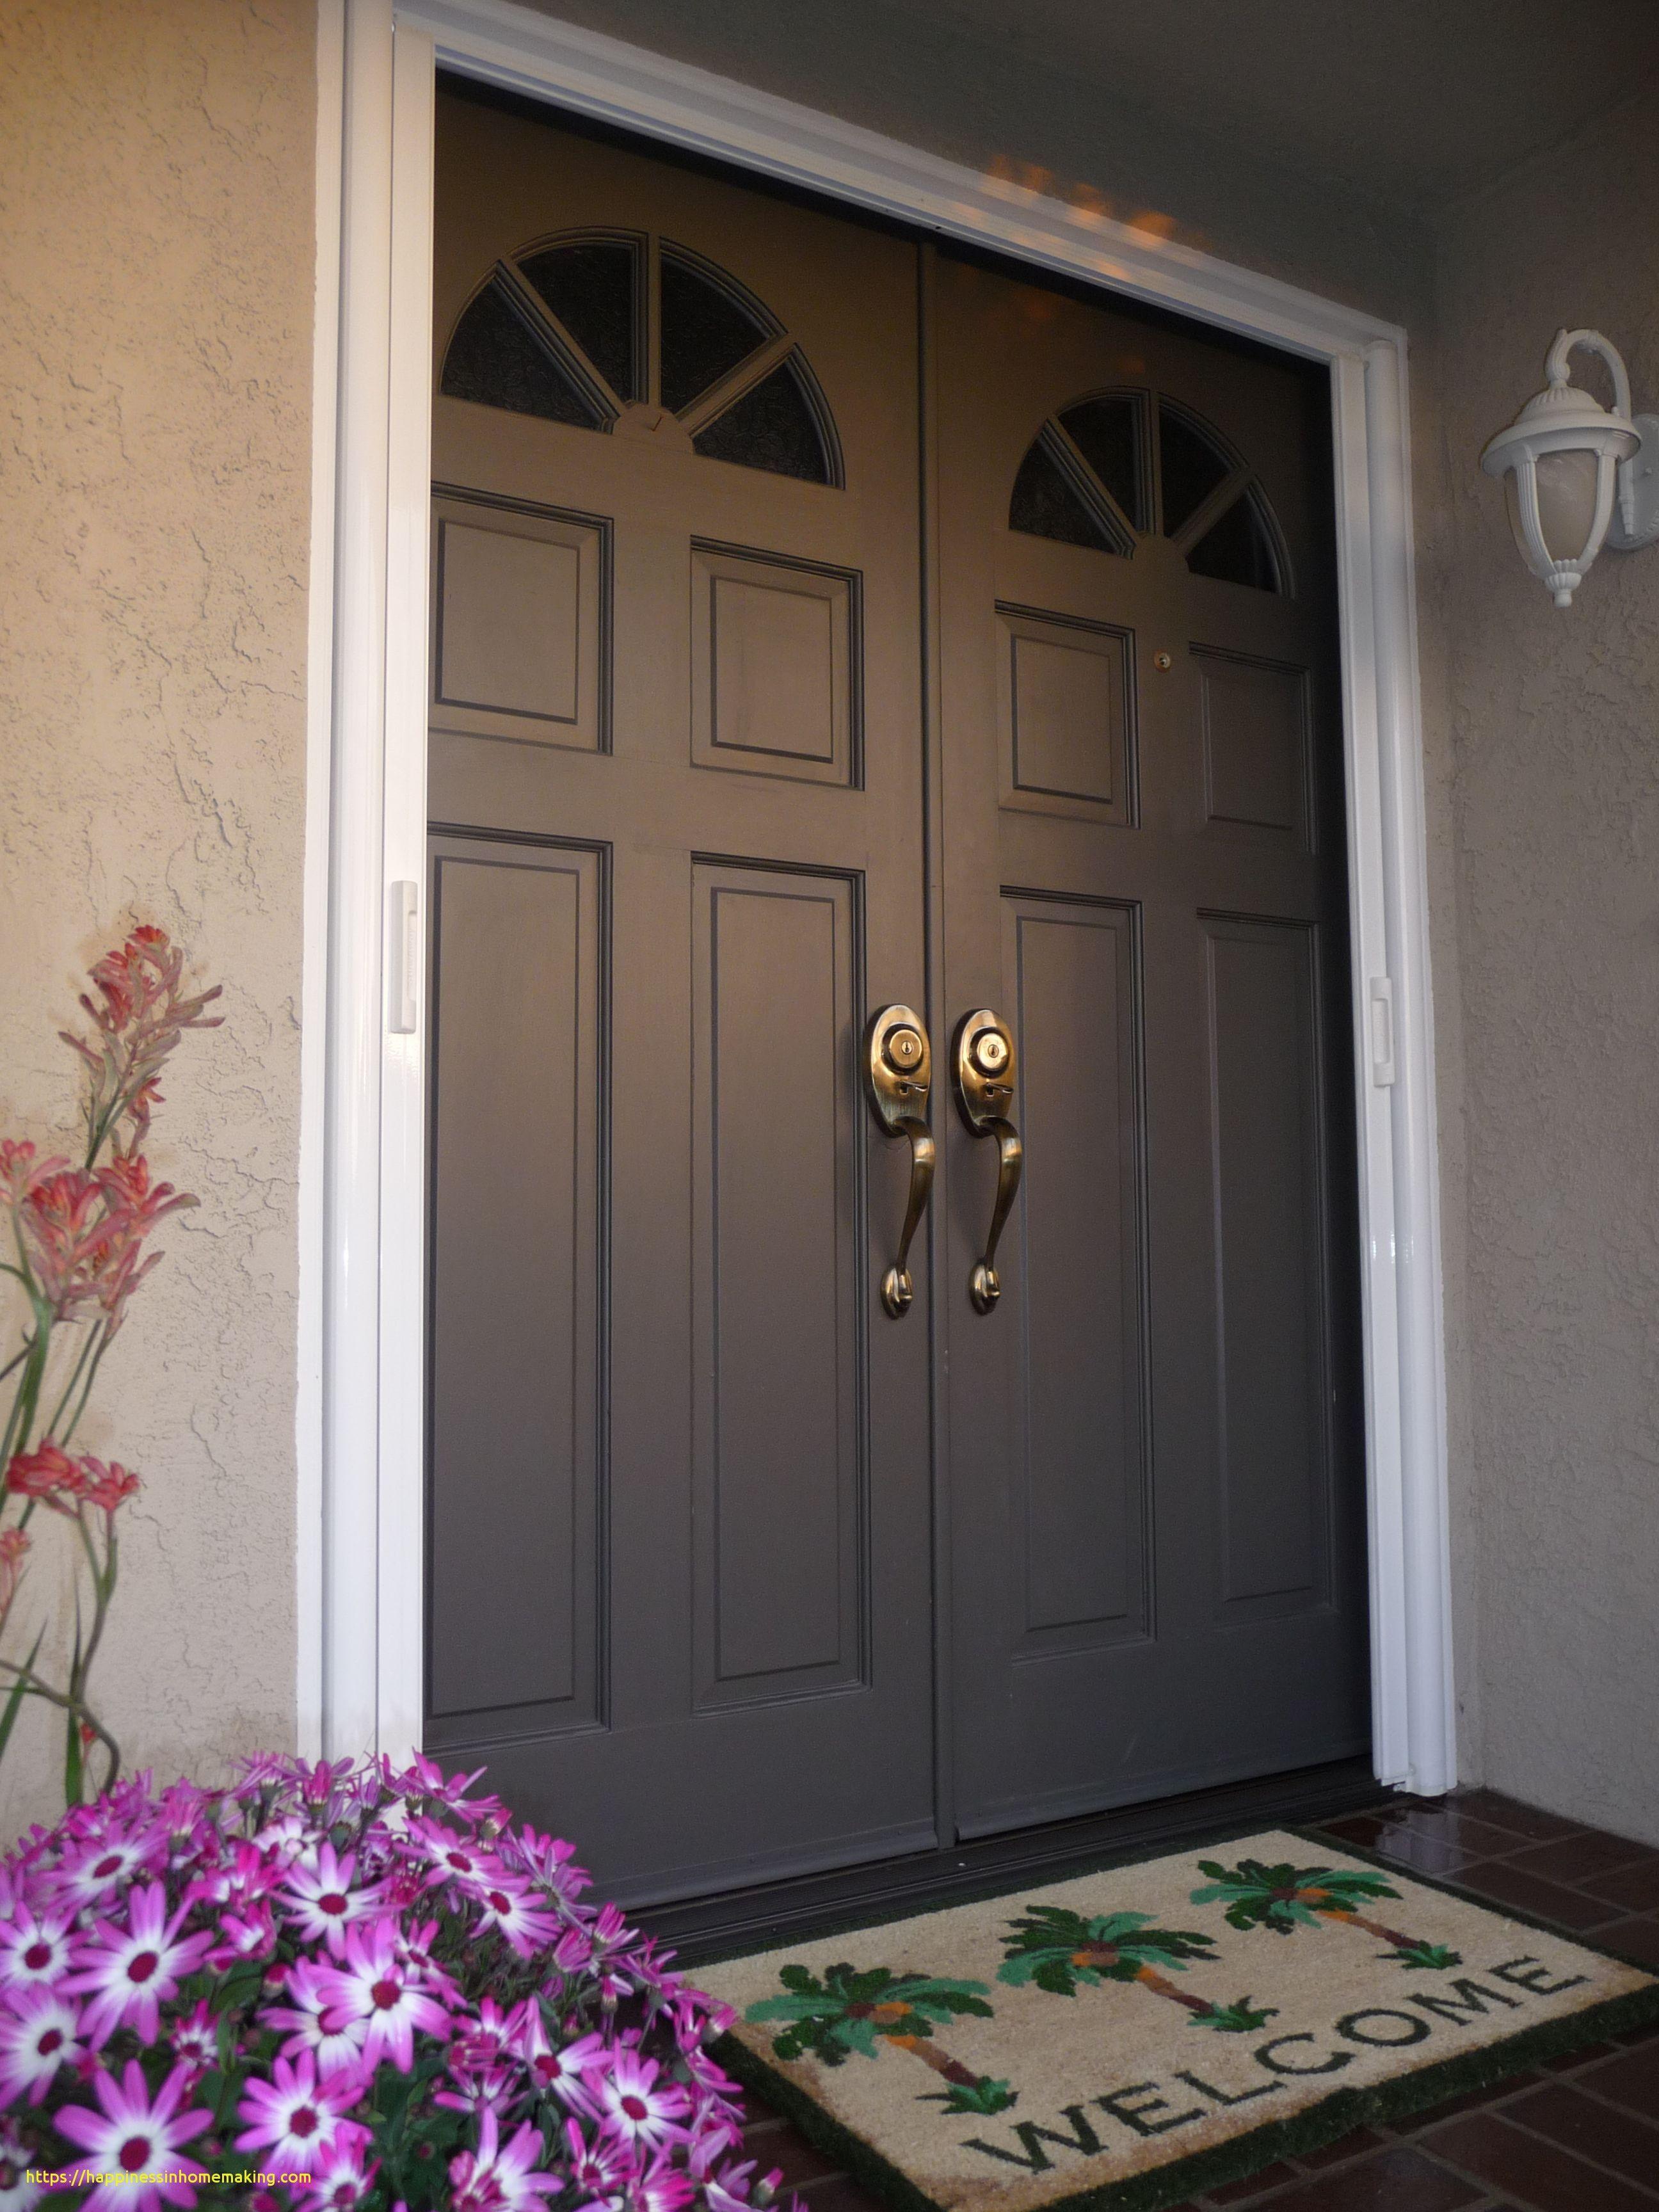 Ideas For Front Doors Best 25 Door Design On Pinterest